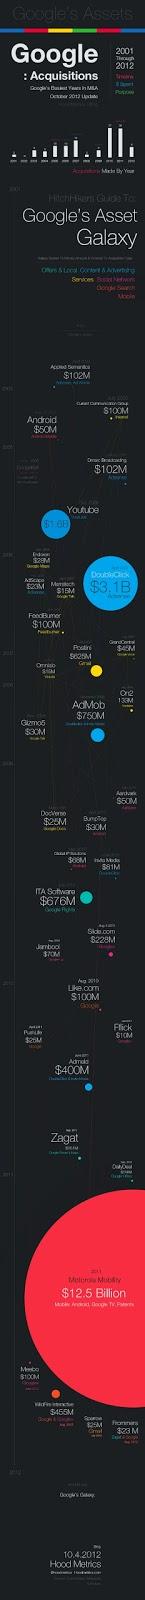 Timeline Google's Assets Acquisition